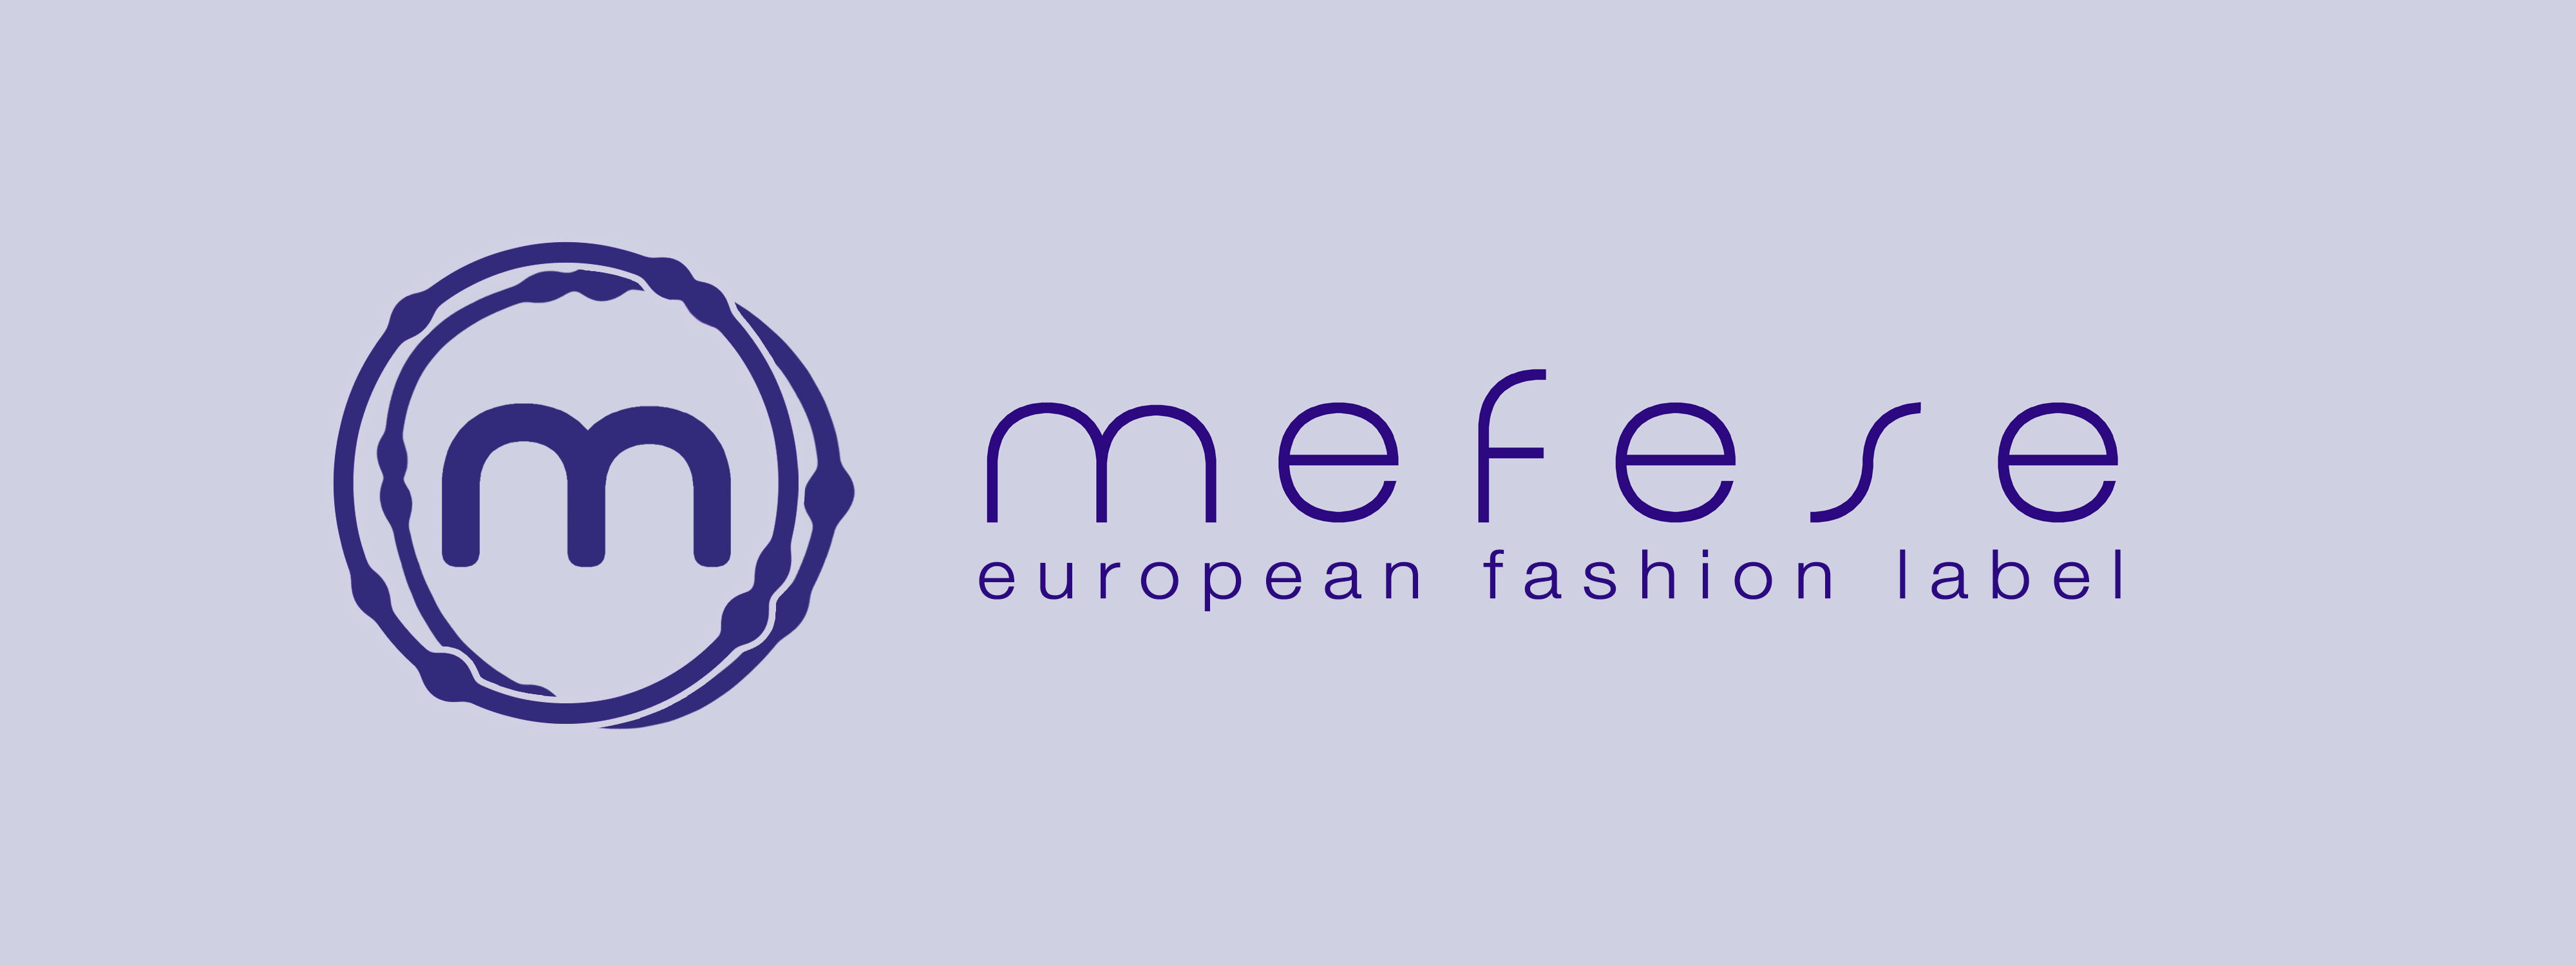 2def9cc9167b68 Mefese to innowacyjna polska firma odzieżowa bazująca na pomysłach młodych  projektantów. W oryginalny sposób interpretuje klasyczny styl oraz  dostosowuje go ...